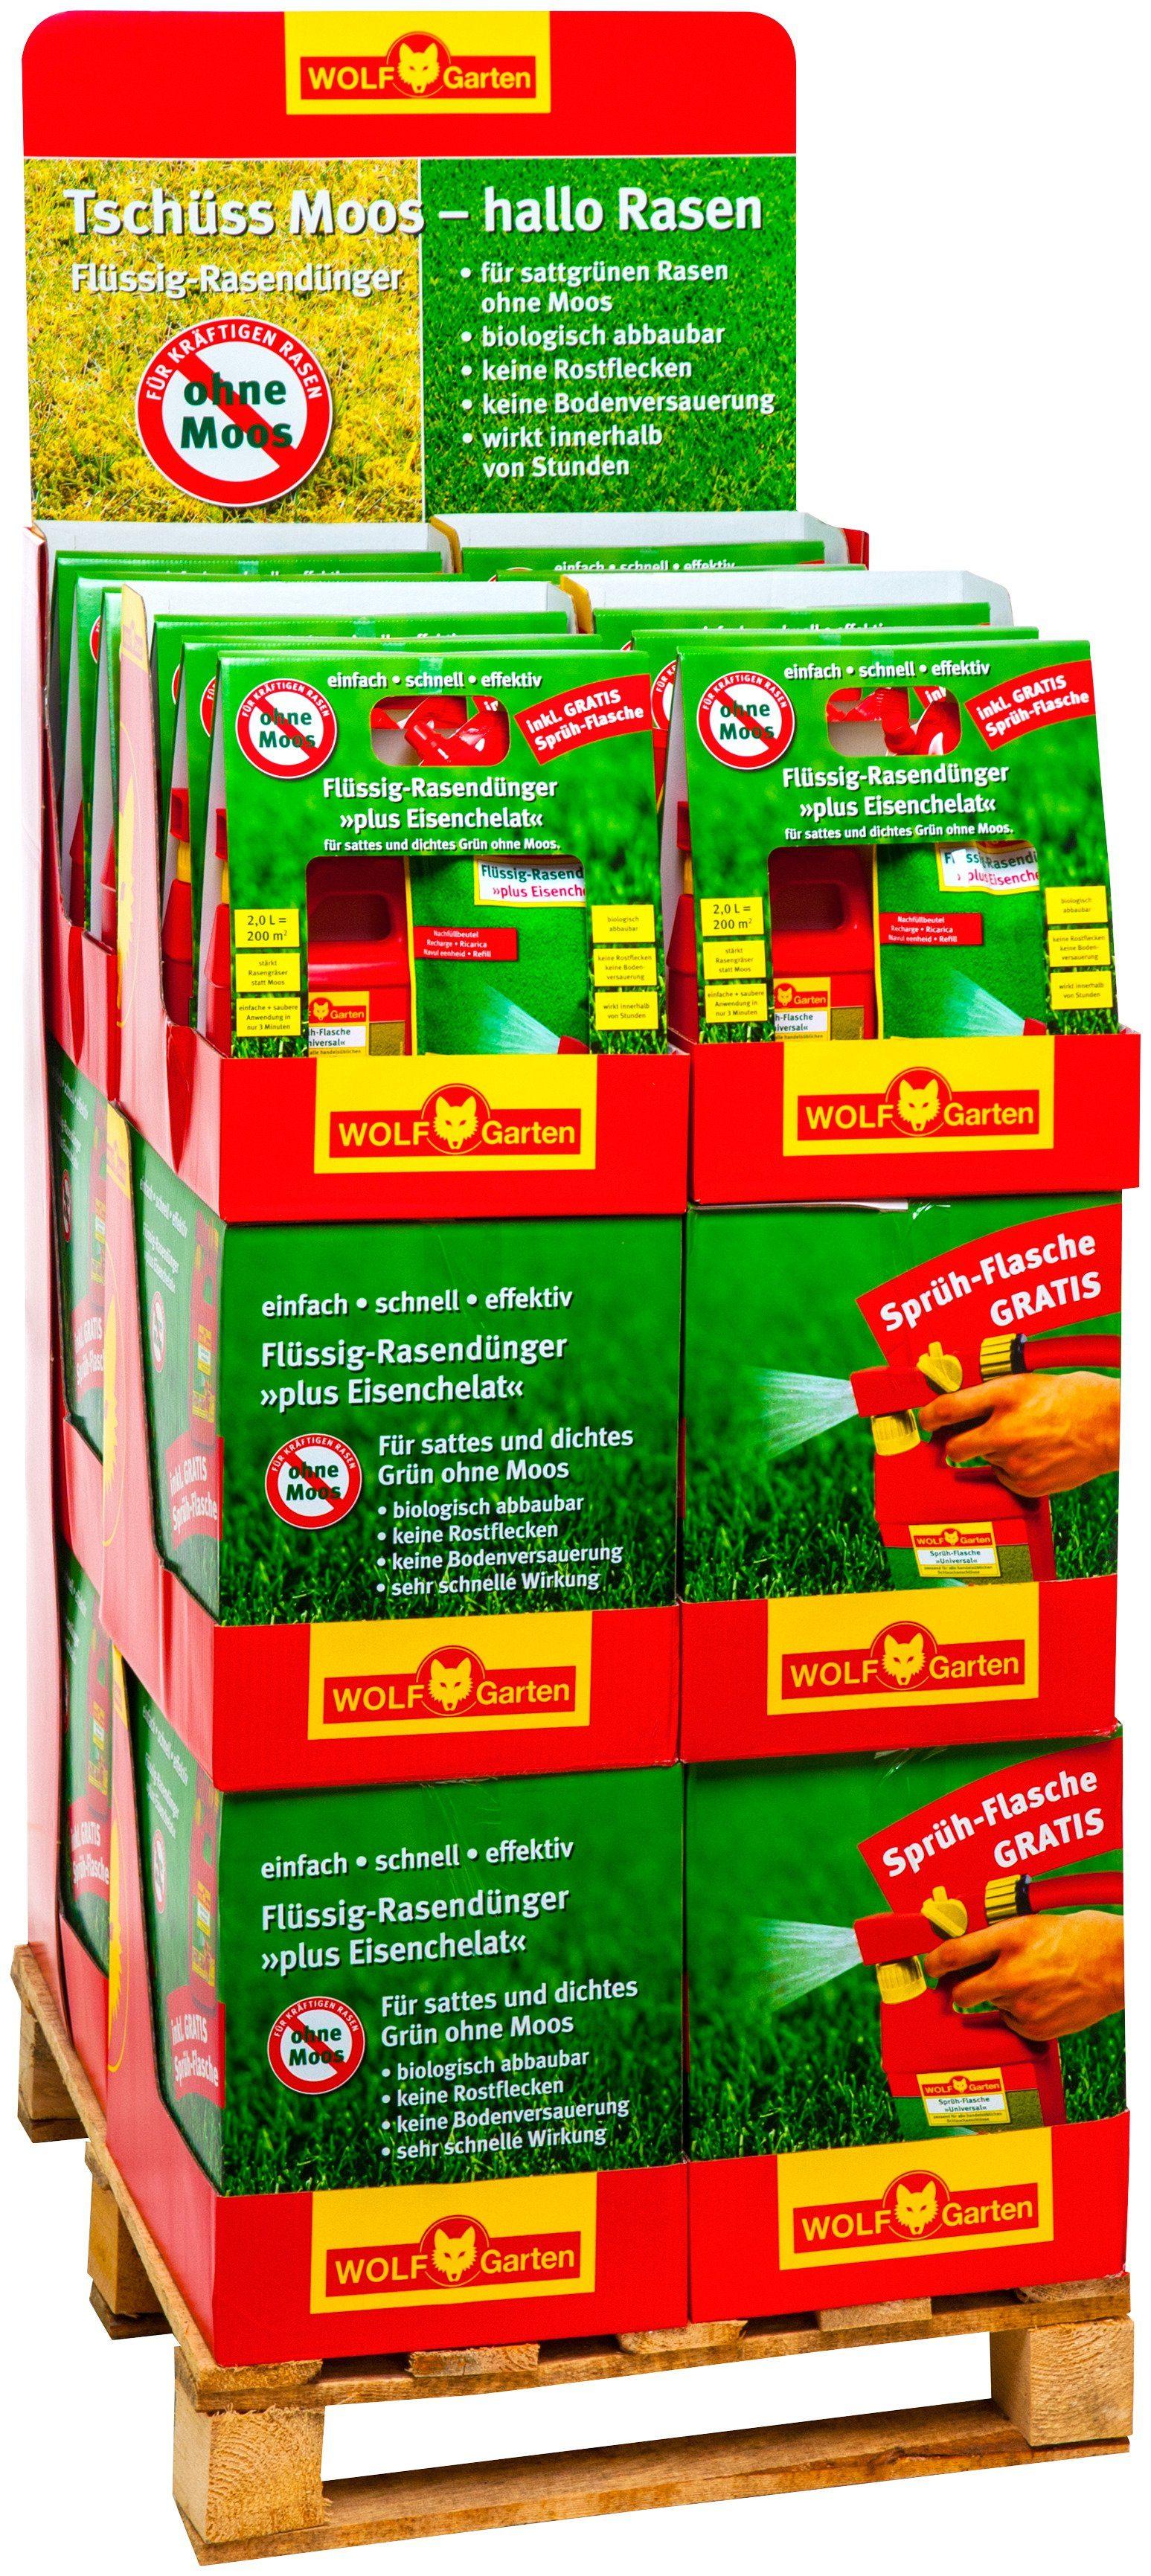 Flüssig-Rasendünger plus Eisenchelat